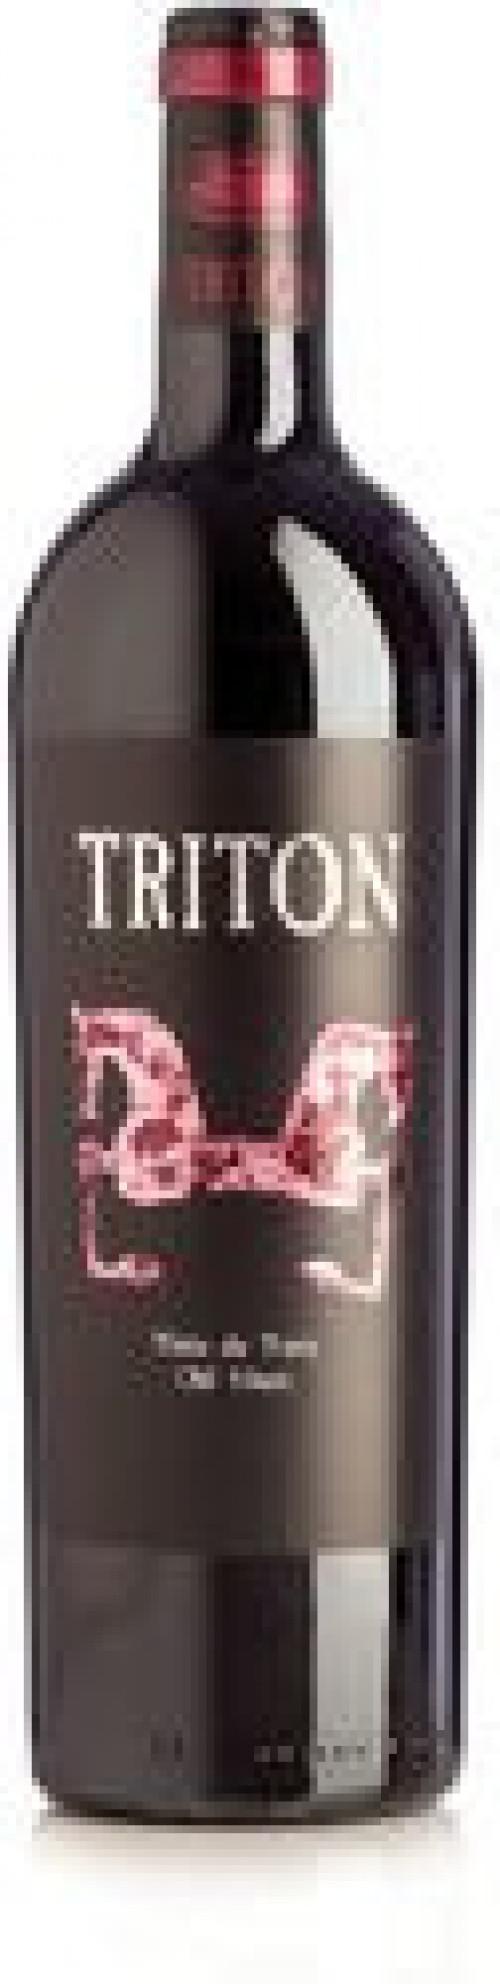 Triton Tinta De Toro Old Vines 750ml